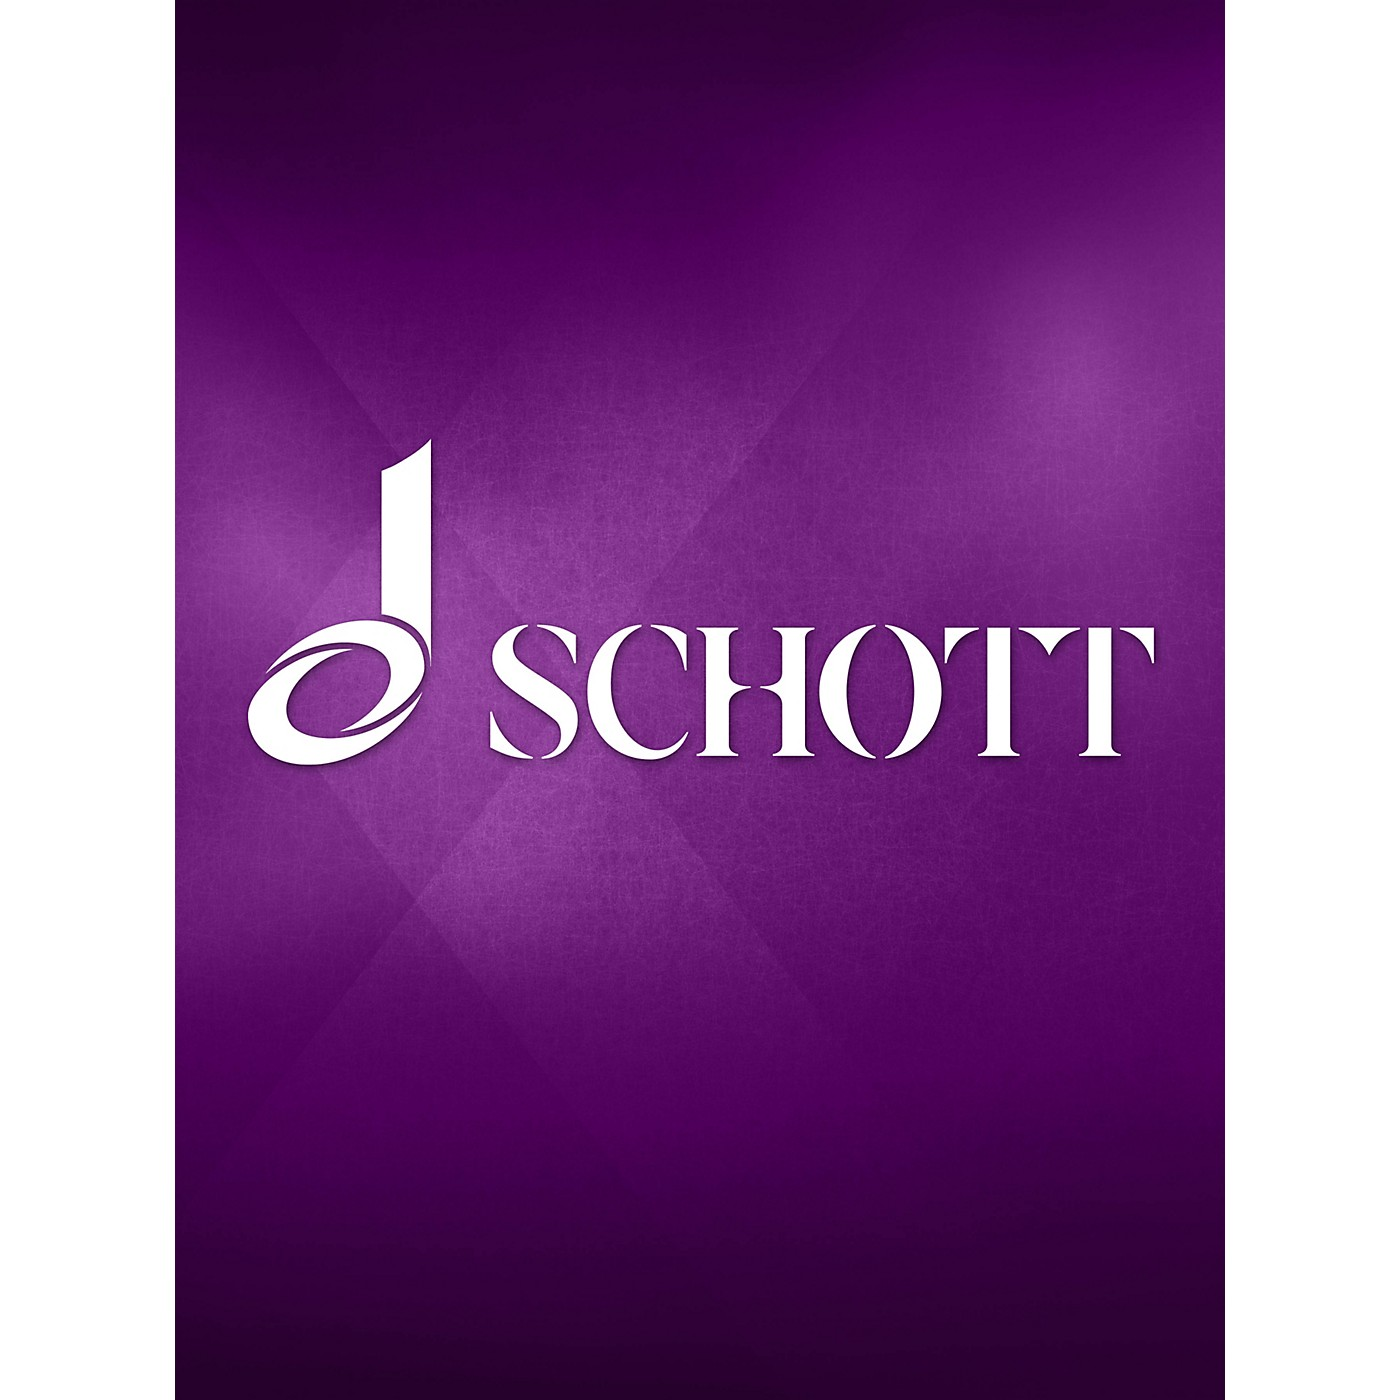 Schott Akkordeon-spass Bd. 1 (German Text) Schott Series Composed by Helmut Quackernack thumbnail